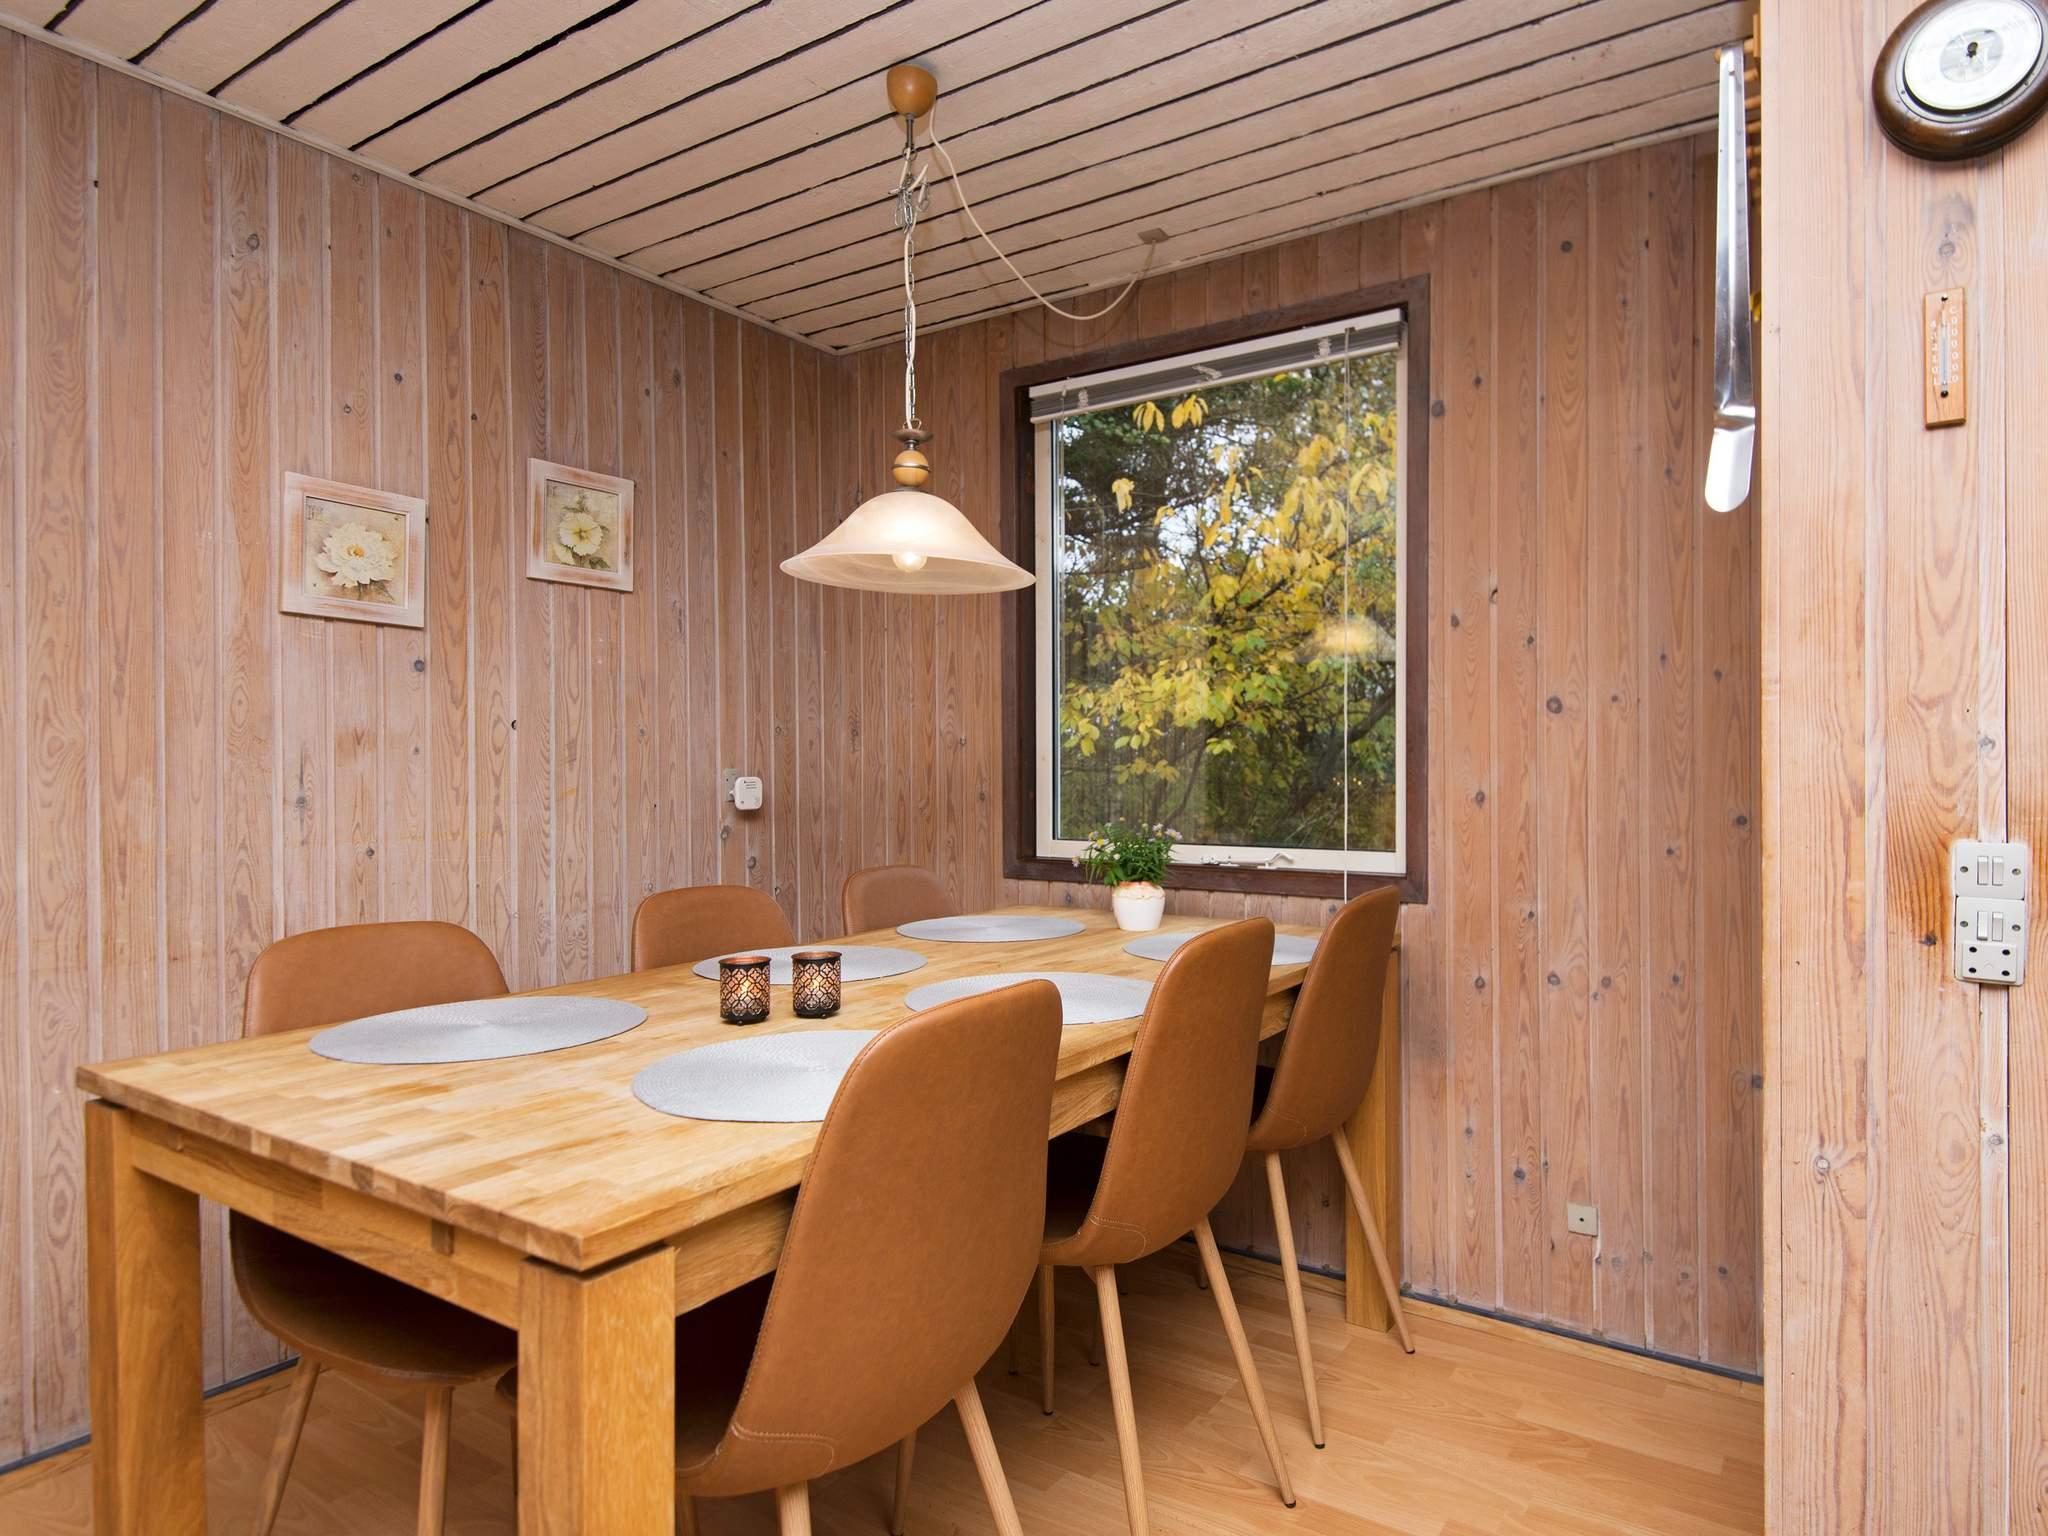 Ferienhaus Silkeborg (125051), Silkeborg, , Ostjütland, Dänemark, Bild 4